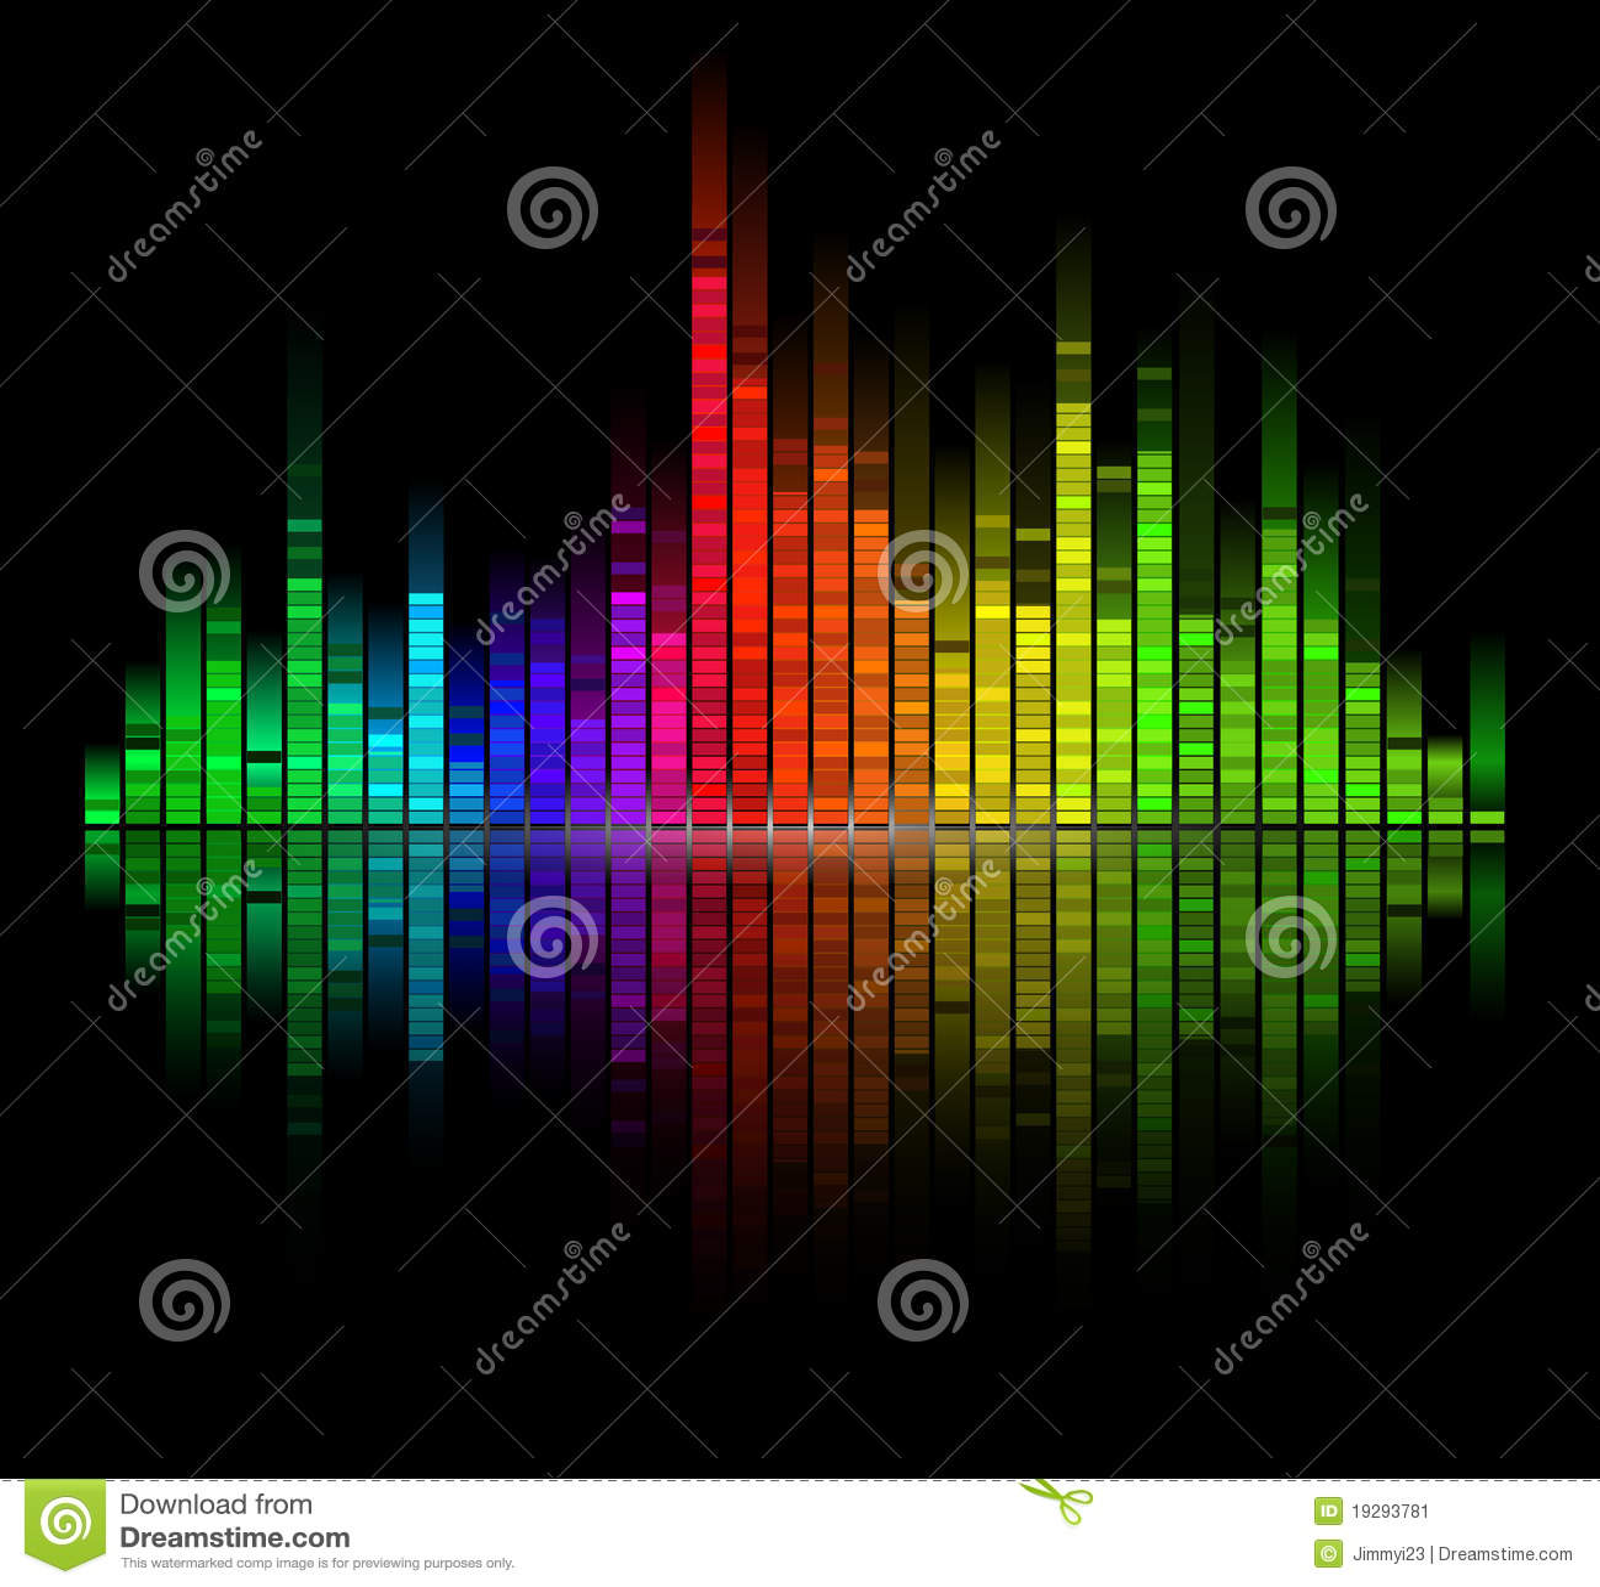 Farbe Aus Was: Digitaler Ton Der Farbe Gleichen Aus Vektor Abbildung